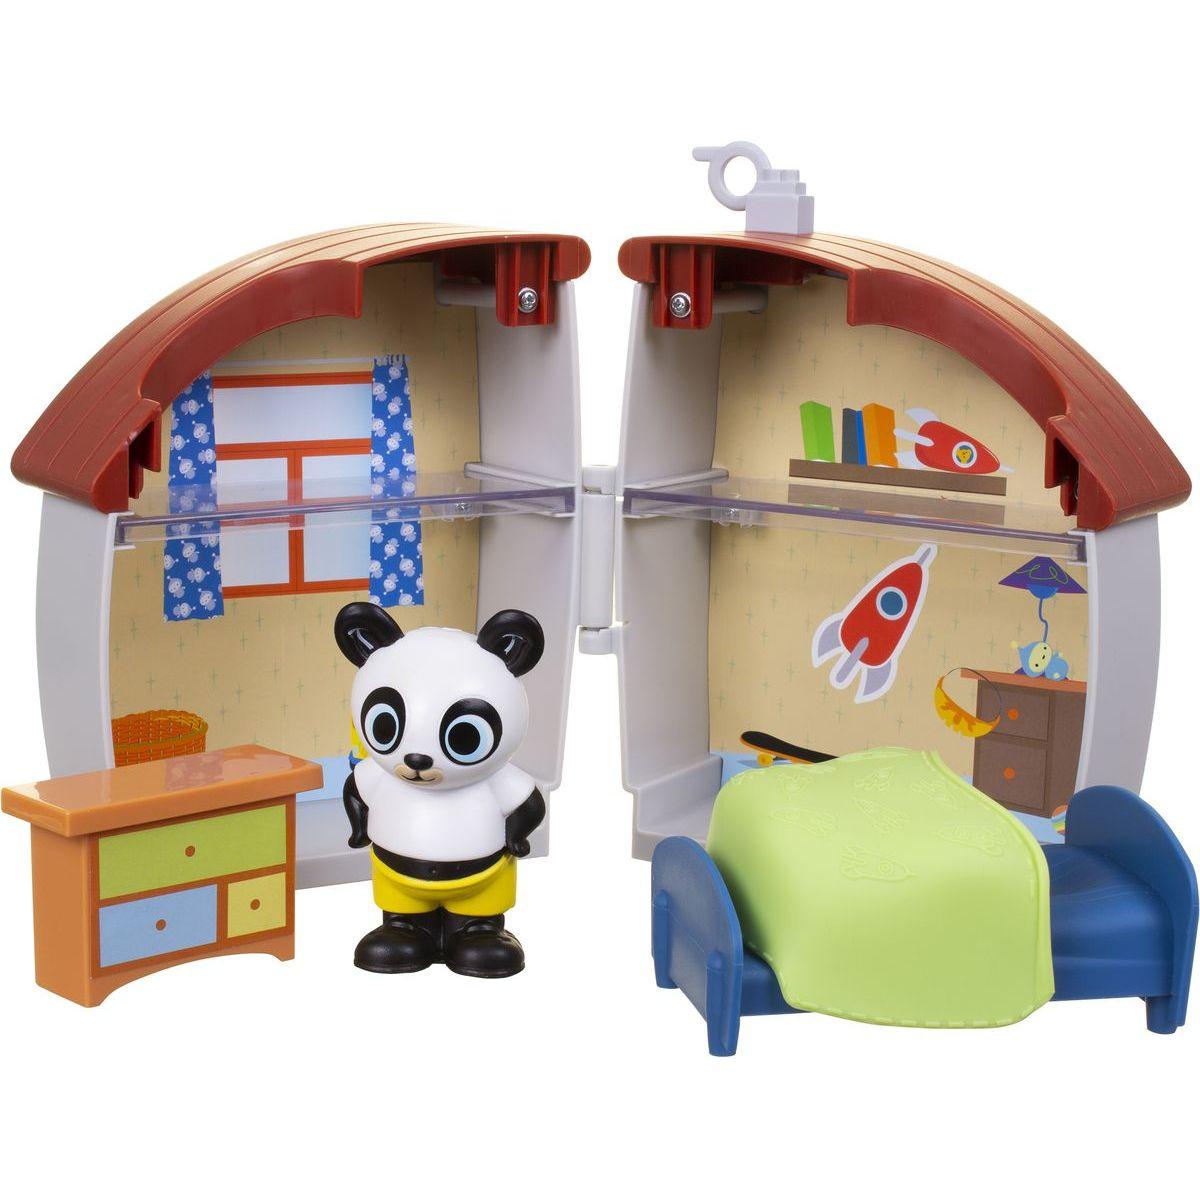 Bing domeček hrací sada Pando